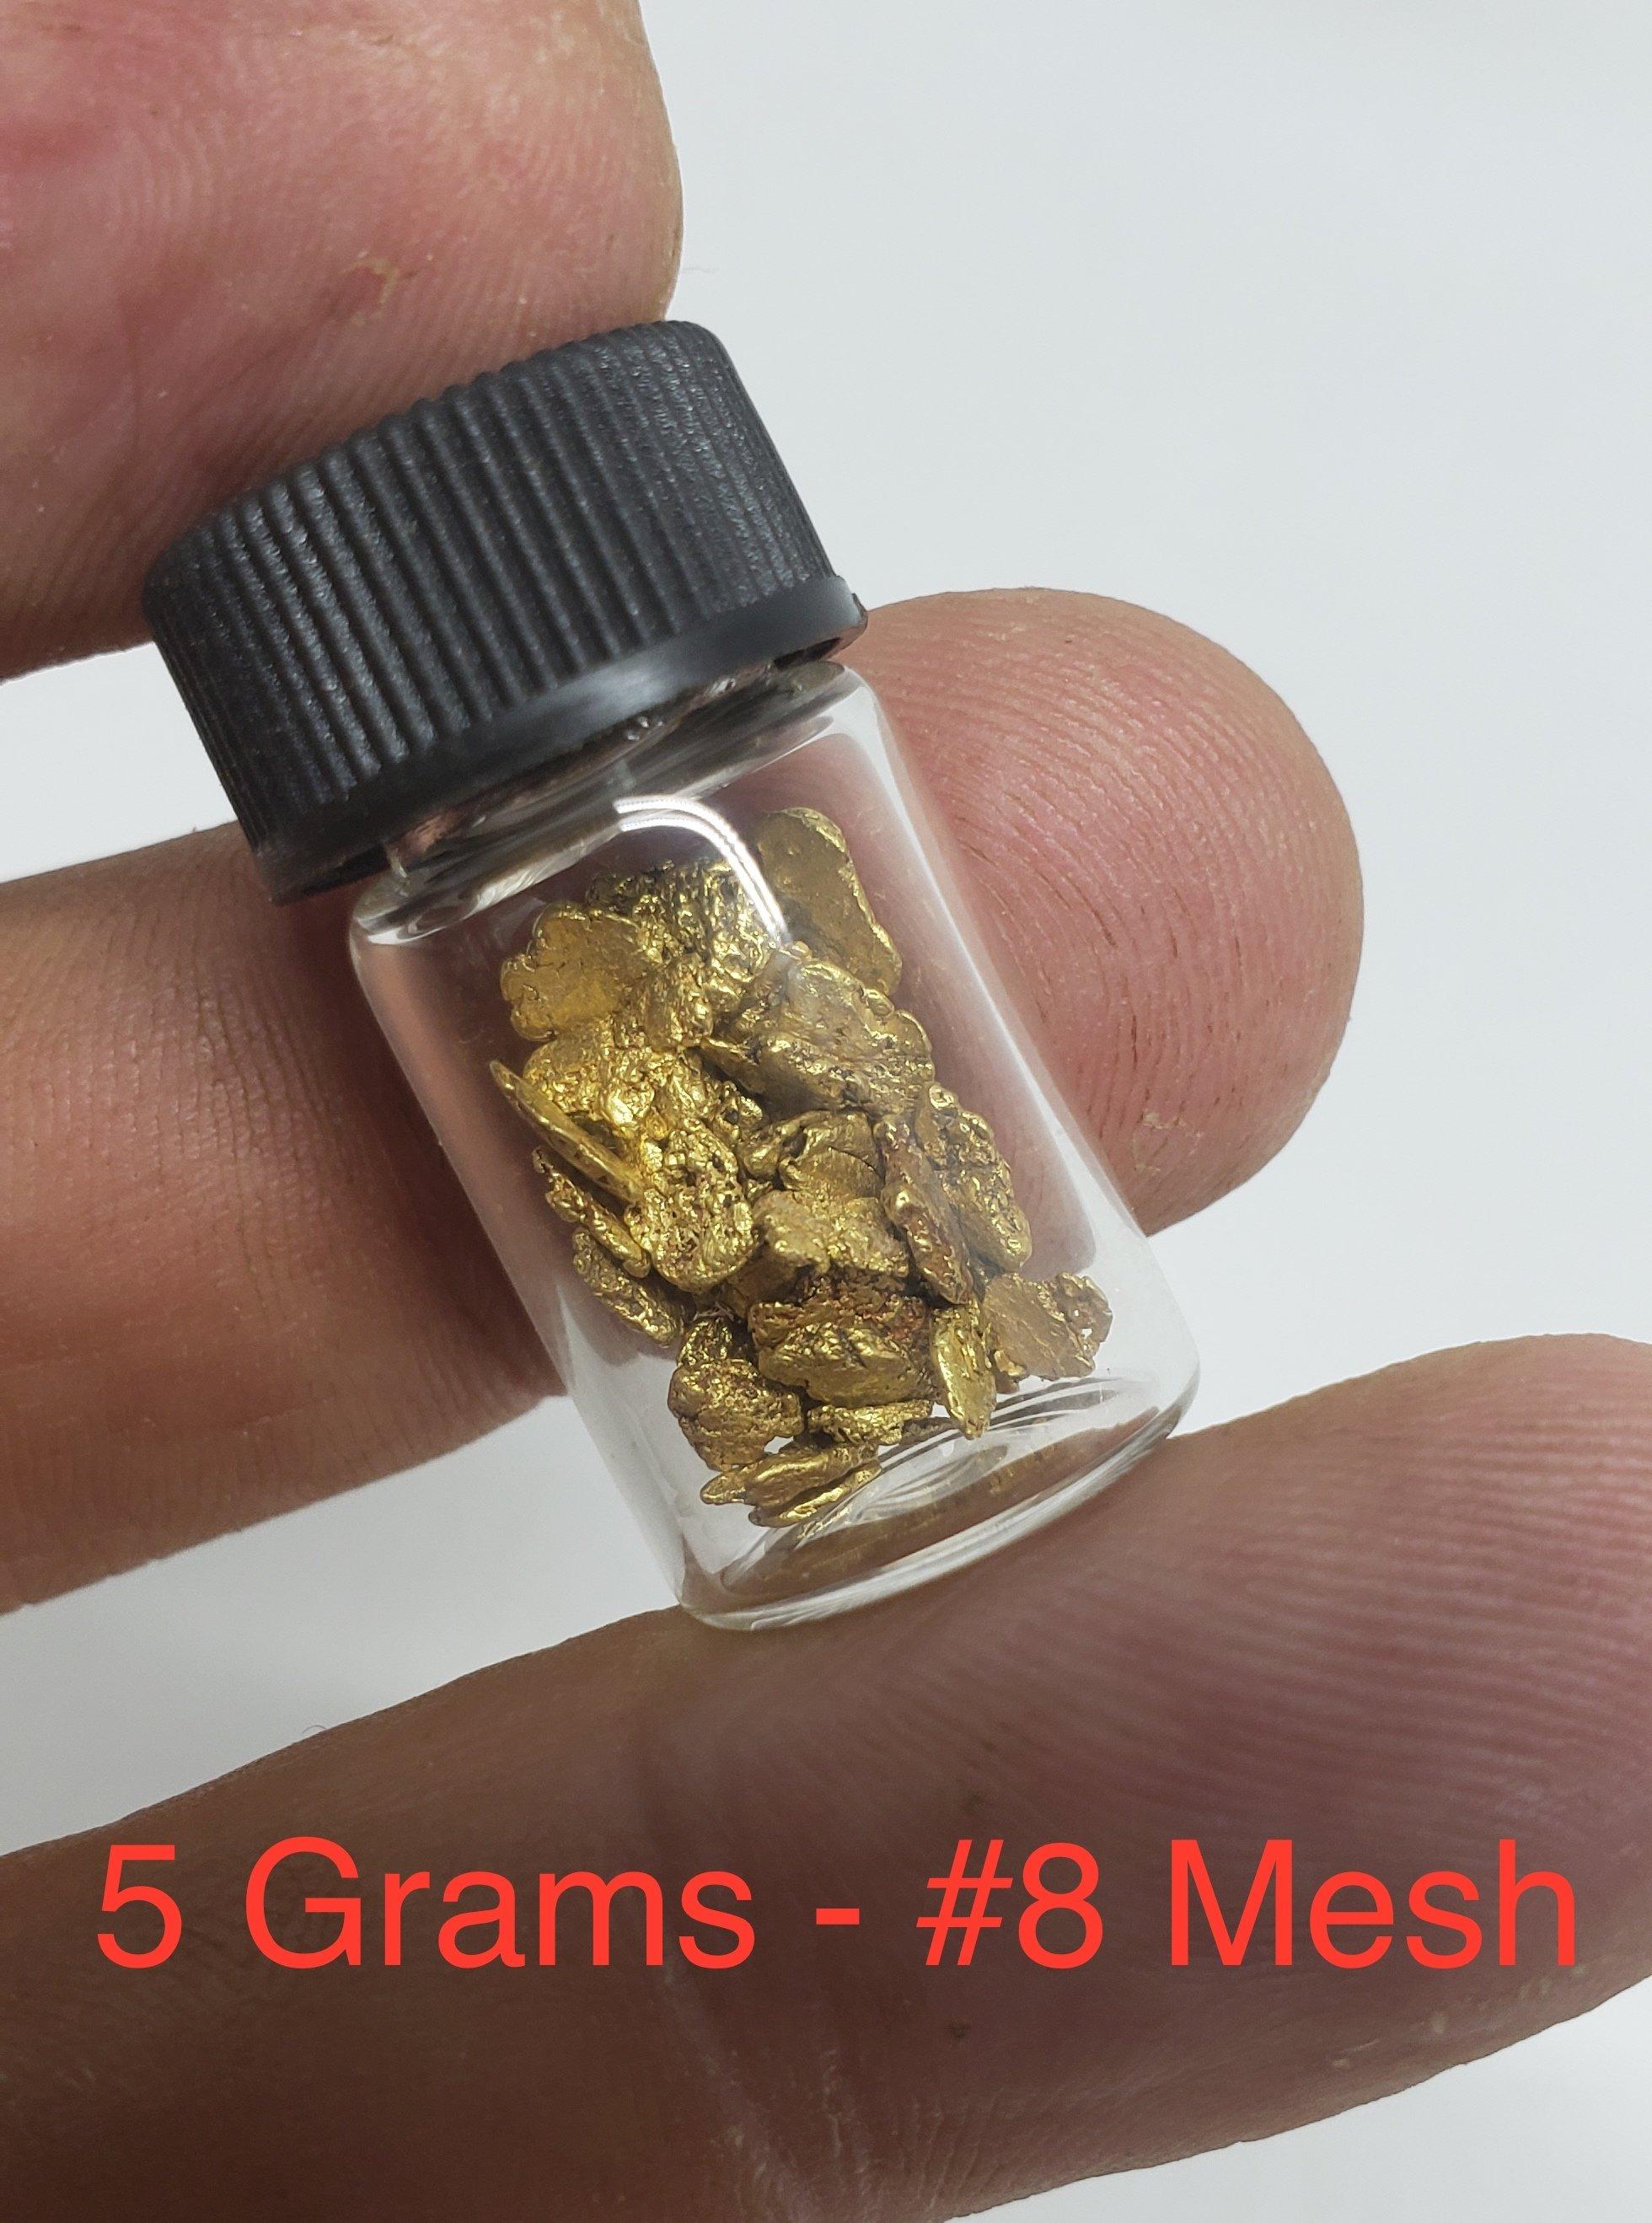 5 grams #8 mesh